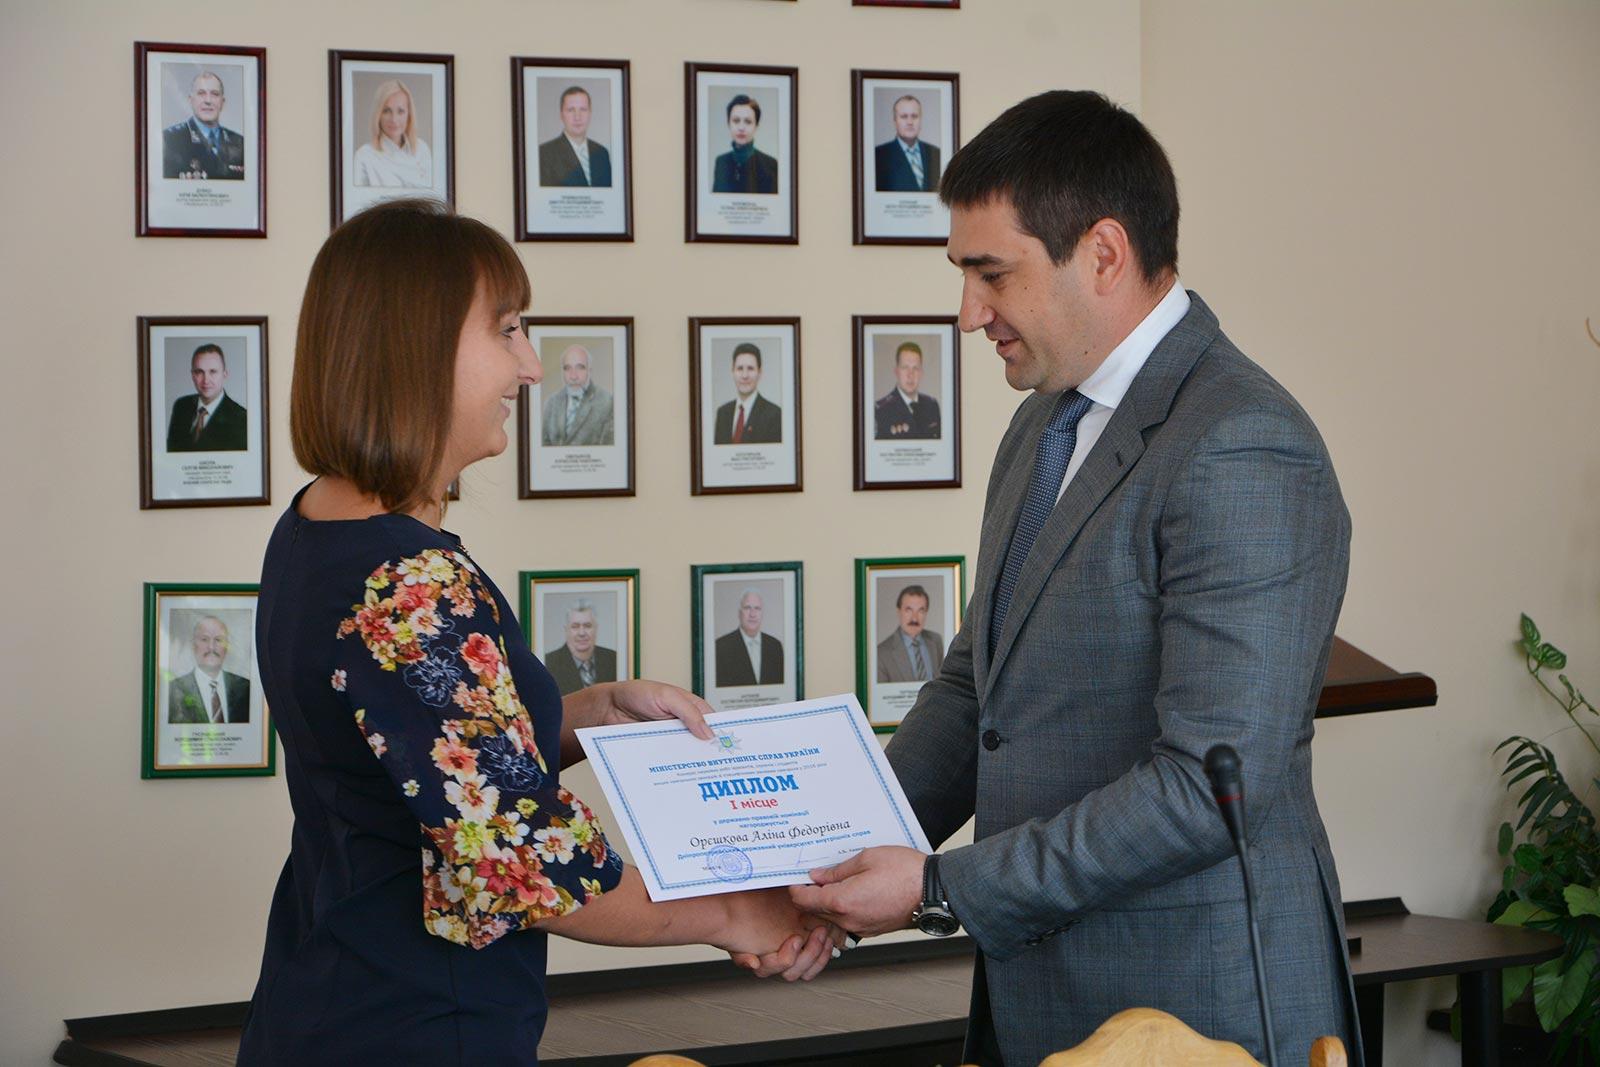 Дипломи номінантам вручив т.в.о. ректора полковник поліції Олег Золотоноша.